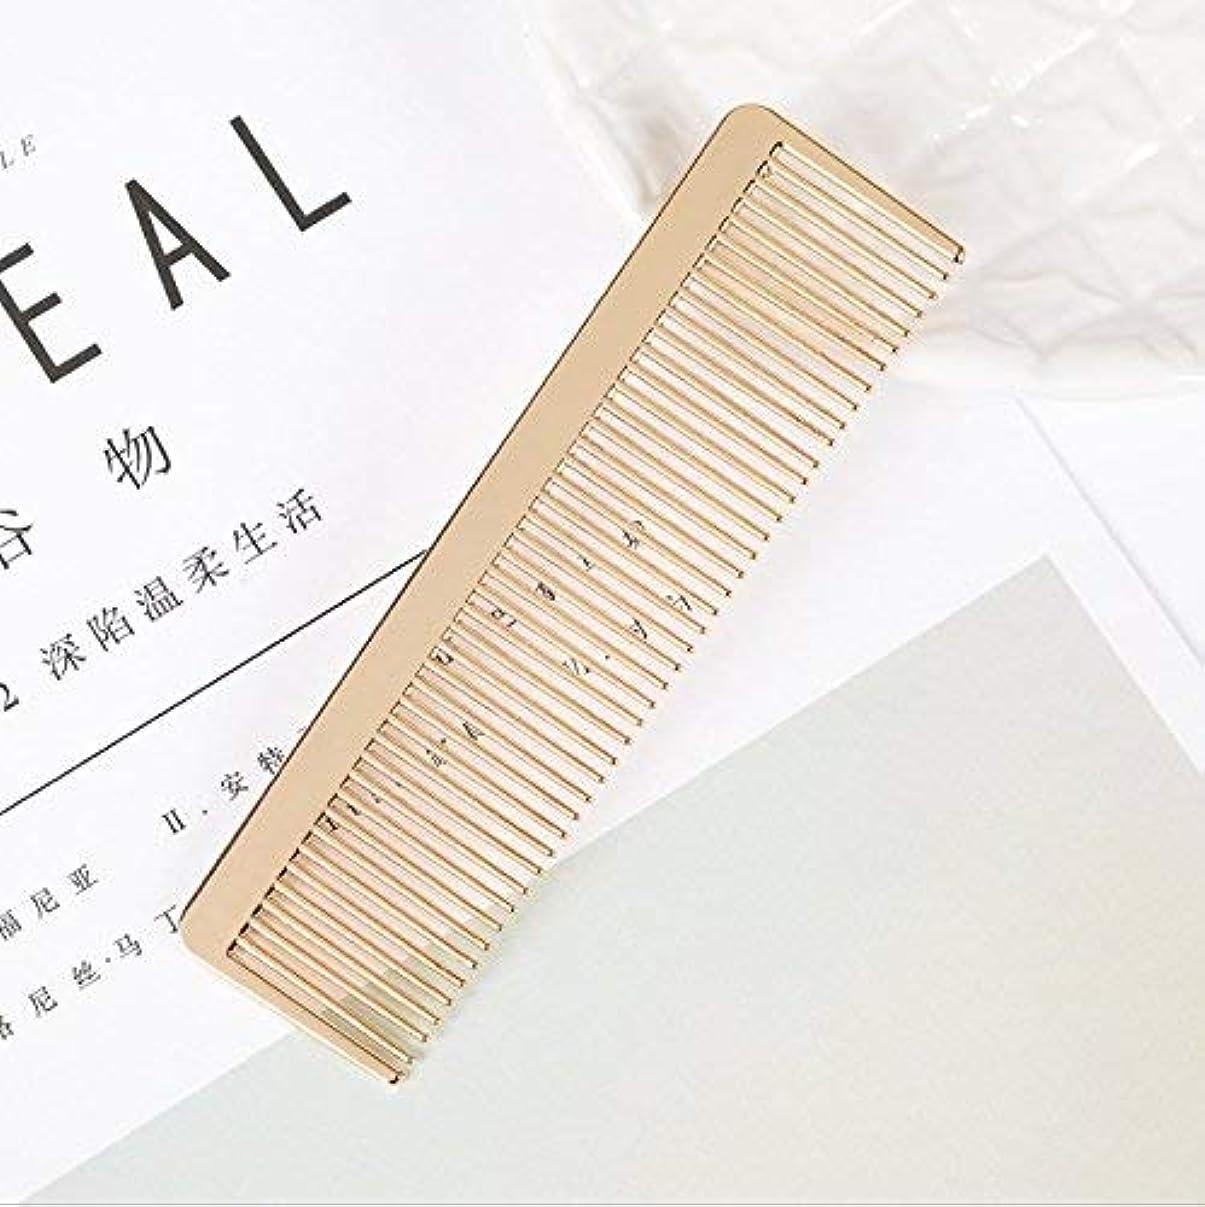 誘う桁気を散らすAnn Lee Design Golden Hair Comb [並行輸入品]